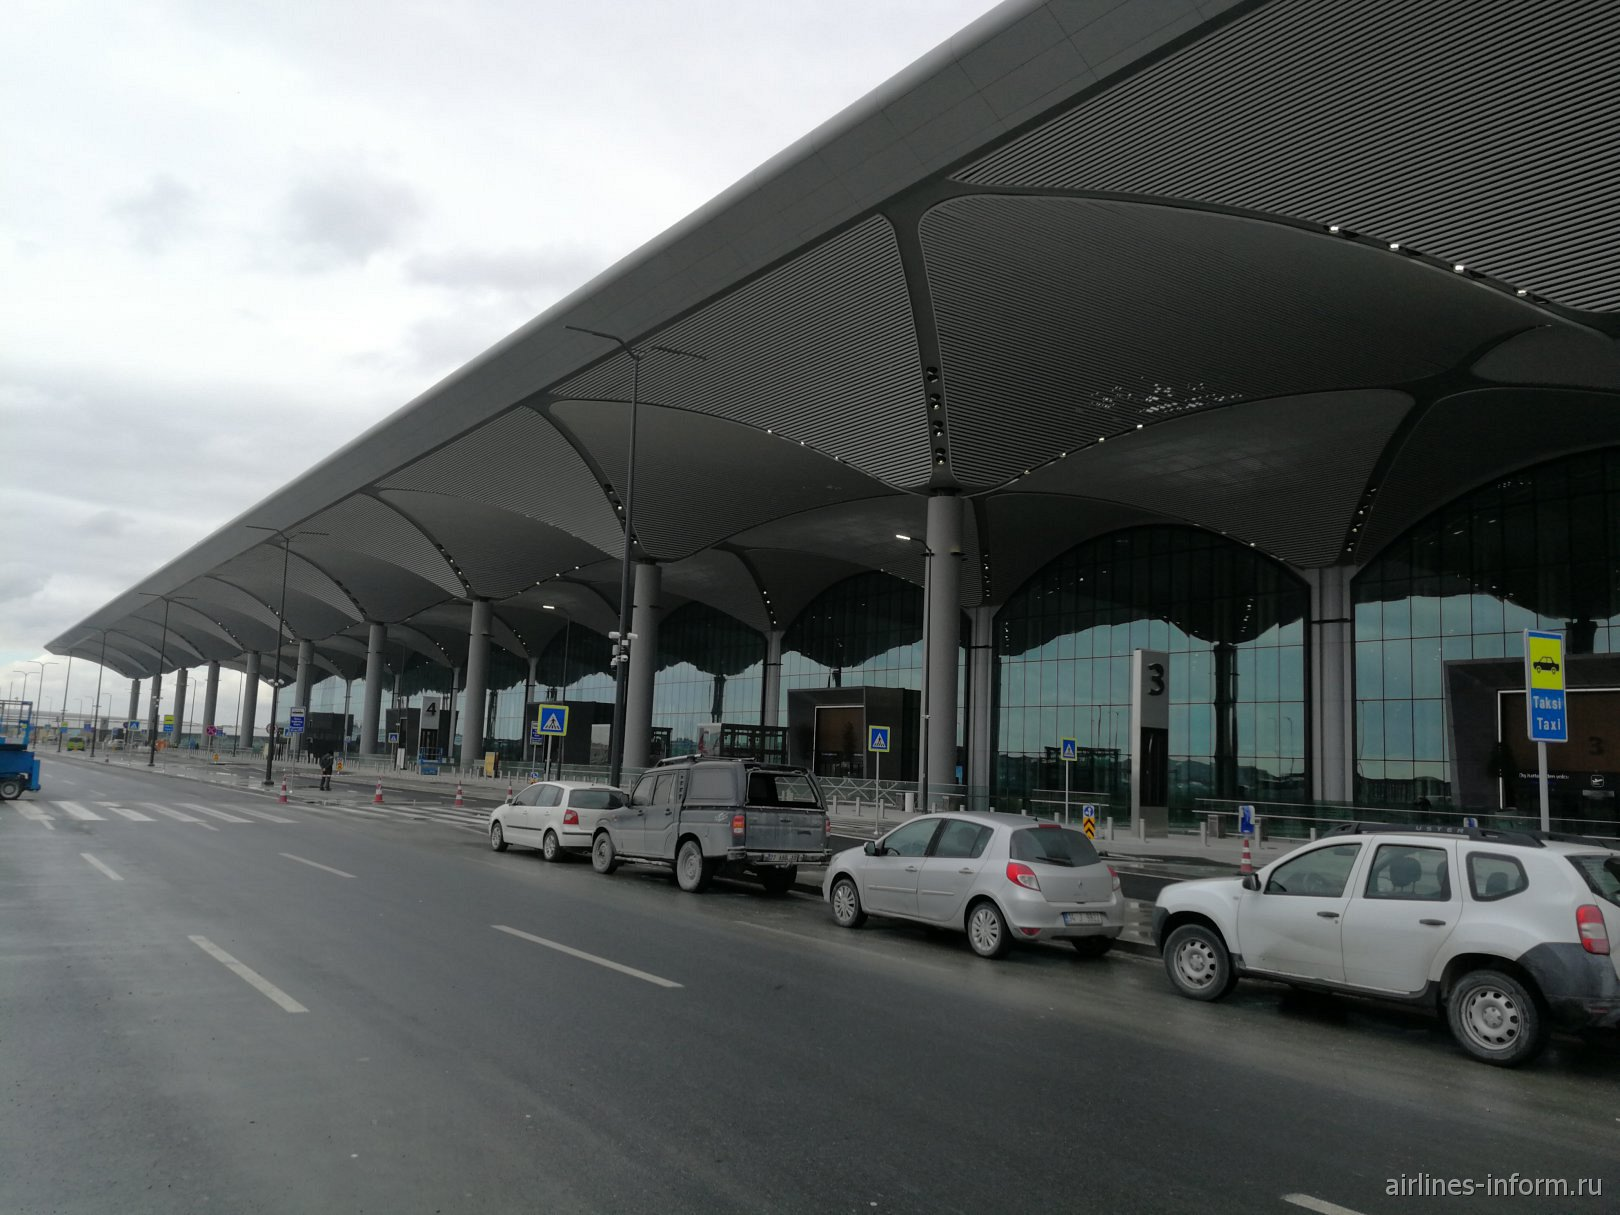 Пассажирский терминал аэропорта Стамбул Новый